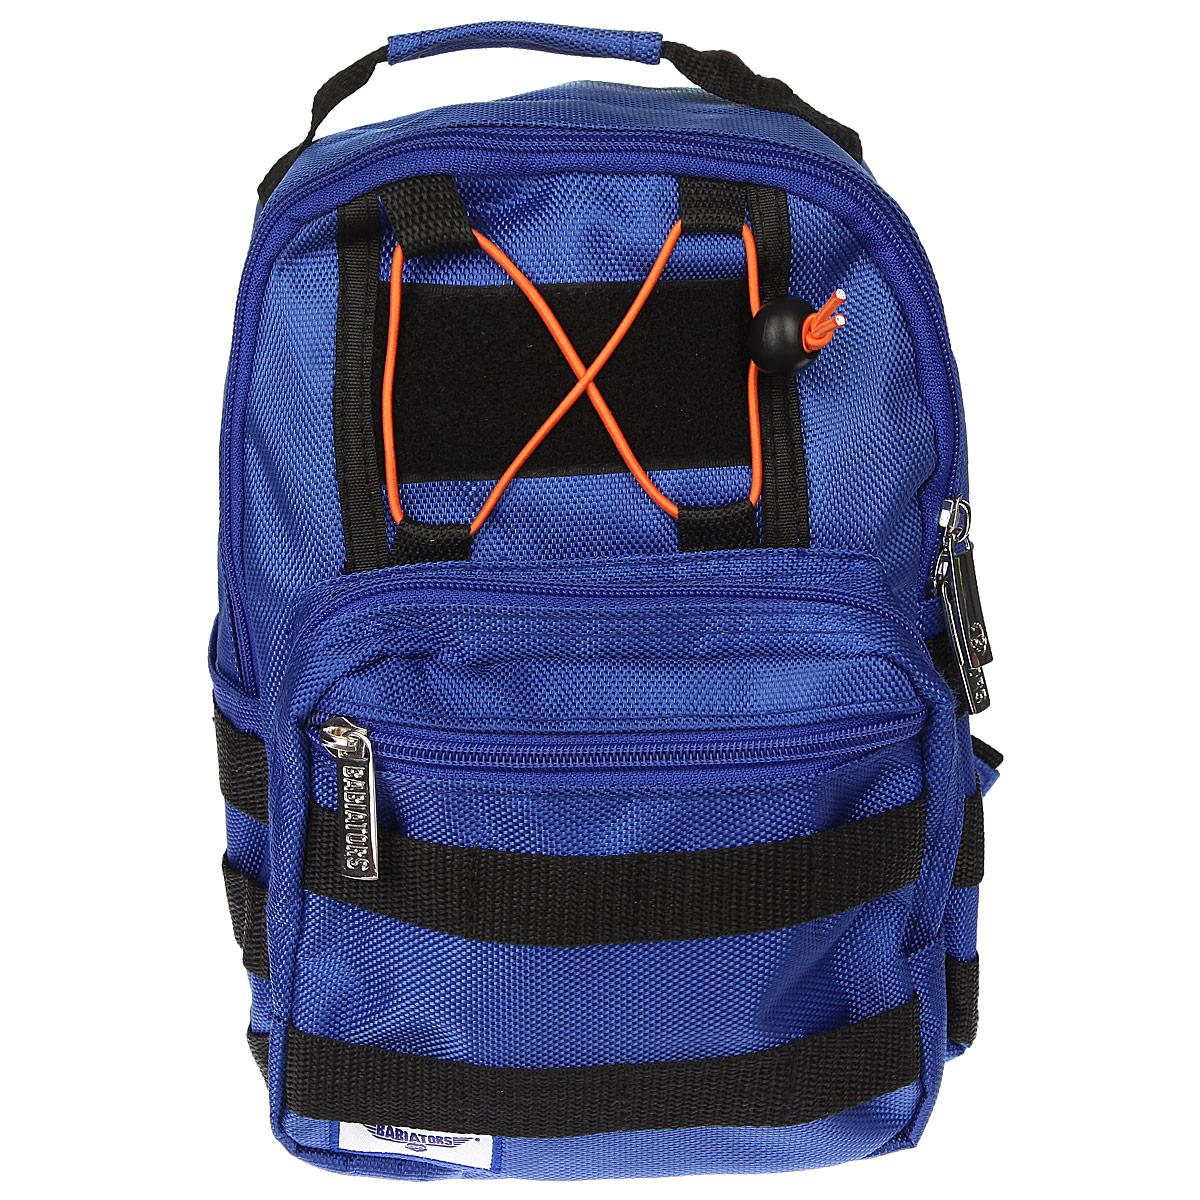 Рюкзак-мини Babiators Rocket Pack, цвет: синийBAB-071Рюкзак-мини Babiators Rocket Pack обязательно пригодится вашему ребенку! Он может взять его с собой на прогулку, в гости или в детский сад. Выполнен рюкзак из износоустойчивой ткани с водонепроницаемой основой, что позволяет ему надежно защищать вещи от влаги и верно служить долгое время. Содержит одно отделение, закрывающееся на застежку-молнию с двумя бегунками. Внутри отделения имеются два горизонтальных кармашка на липучке. Лицевая сторона рюкзака оснащена накладным карманом на застежке-молнии, внутри которого имеется открытый кармашек. Передняя сторона этого накладного кармана дополнена врезным горизонтальным отделением, также закрывающимся на молнию. Рюкзак-мини имеет два боковых нашивных кармана. Задняя стенка рюкзака оснащена горизонтальным карманом на липучке. По бокам и с лицевой стороны рюкзака имеется множество петель для разнообразных вещей ребенка. Рюкзак оснащен регулируемыми по длине плечевыми ремнями и дополнен текстильной ручкой для переноски в руке. Для...